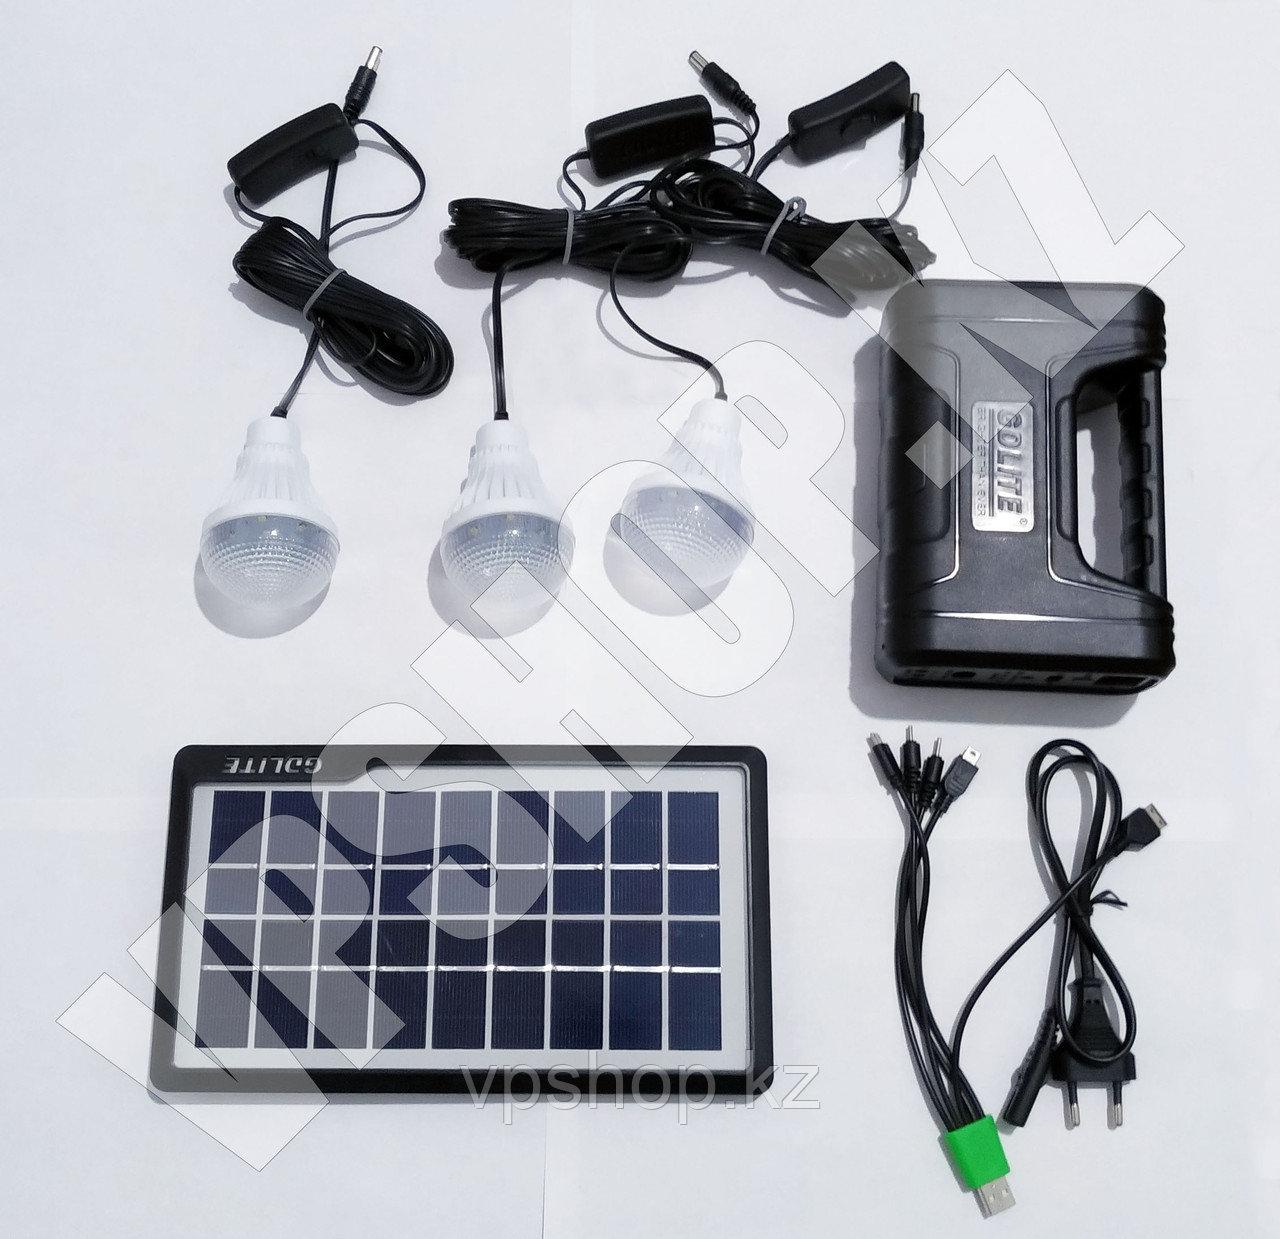 Система освещения на солнечных батареях GDLite + зарядное устройство Power Bank, доставка